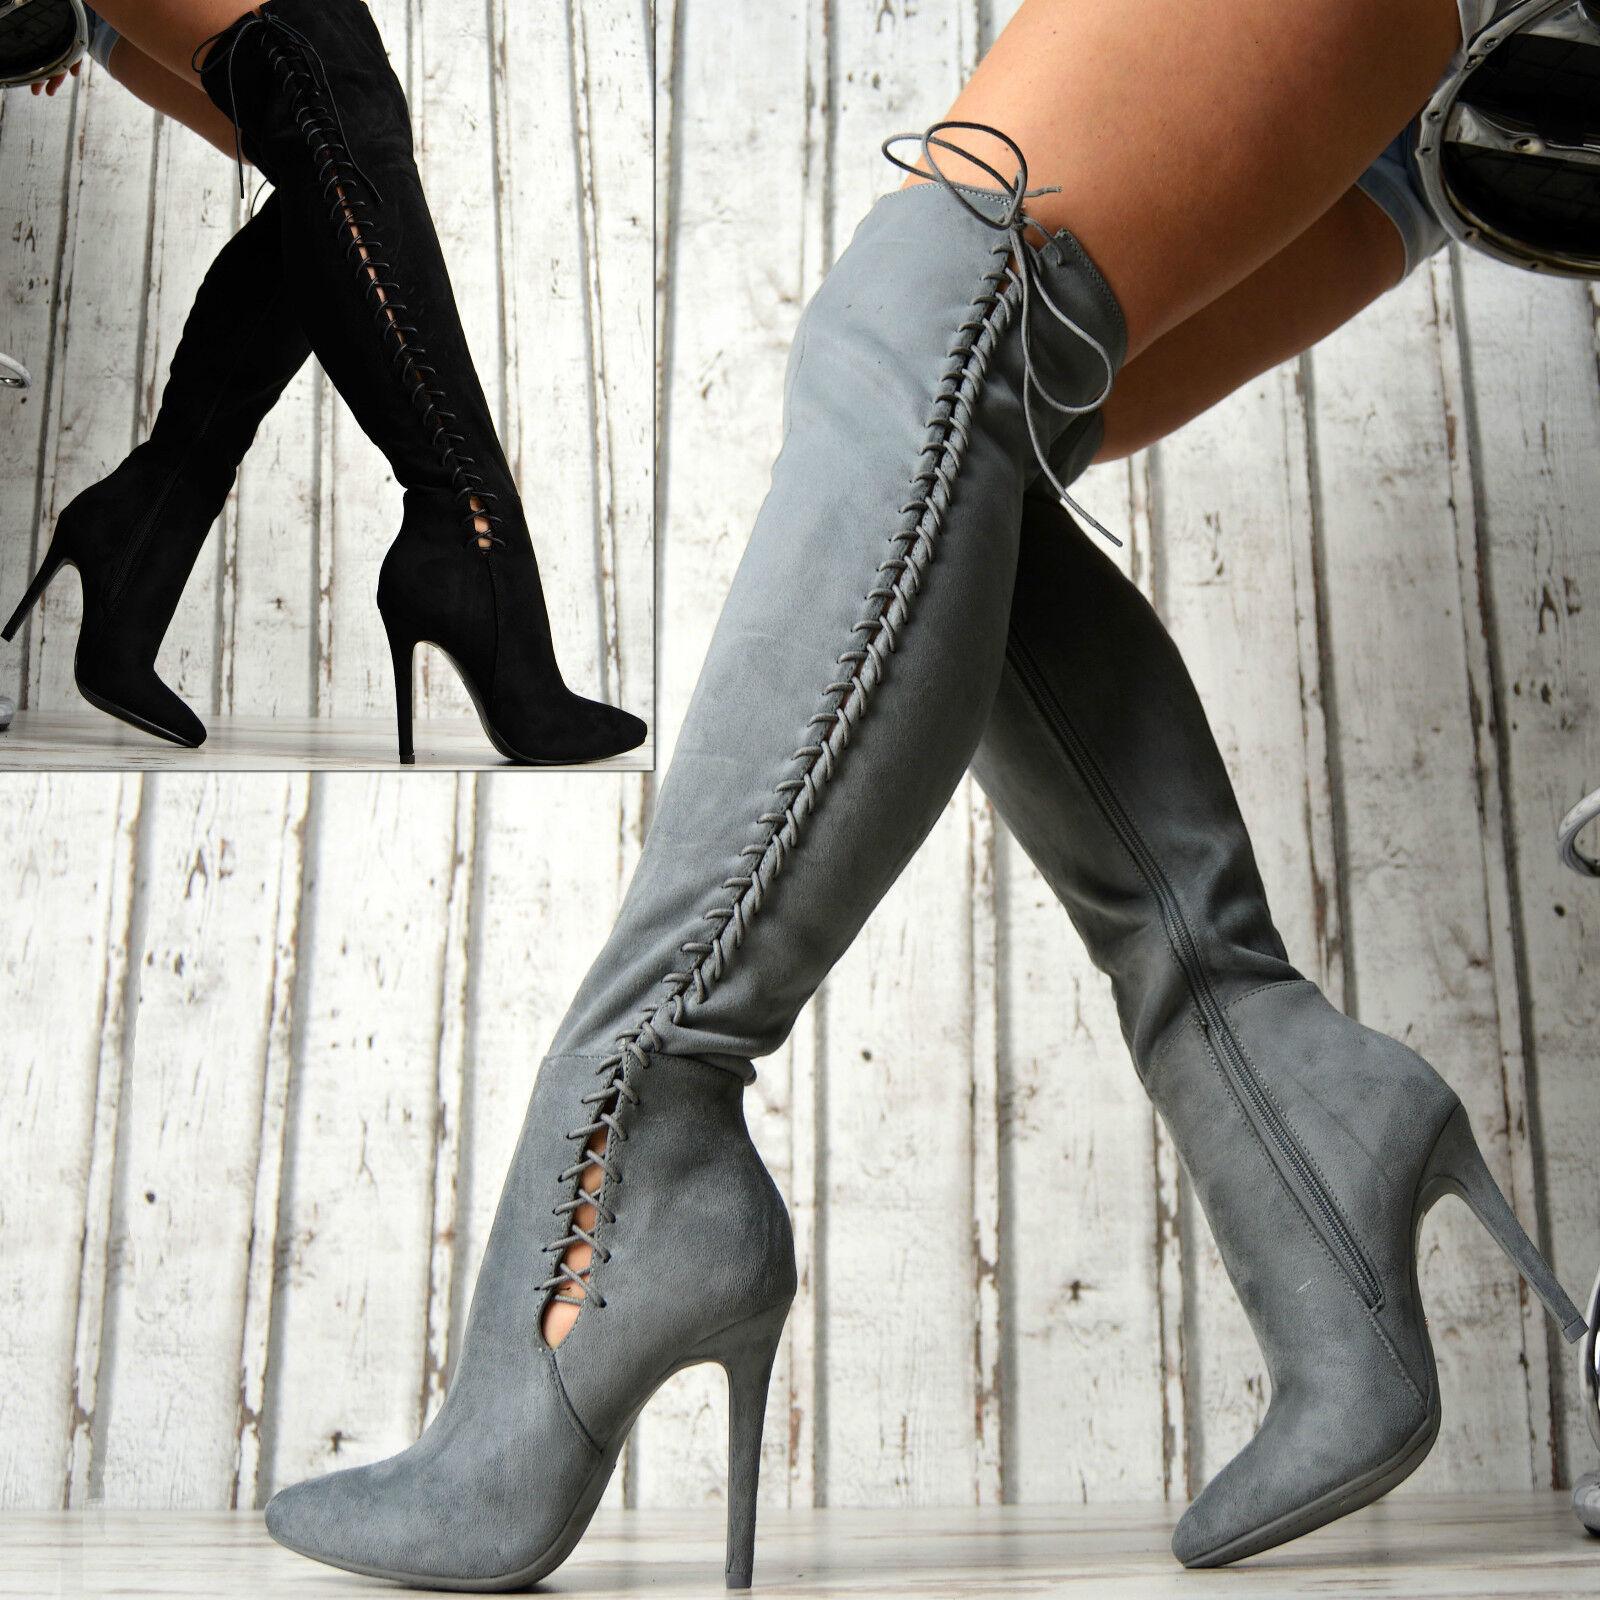 Neu SeXy LuXus Overknee Stiefel Damenschuhe Party Korsett Boots High Heels D09